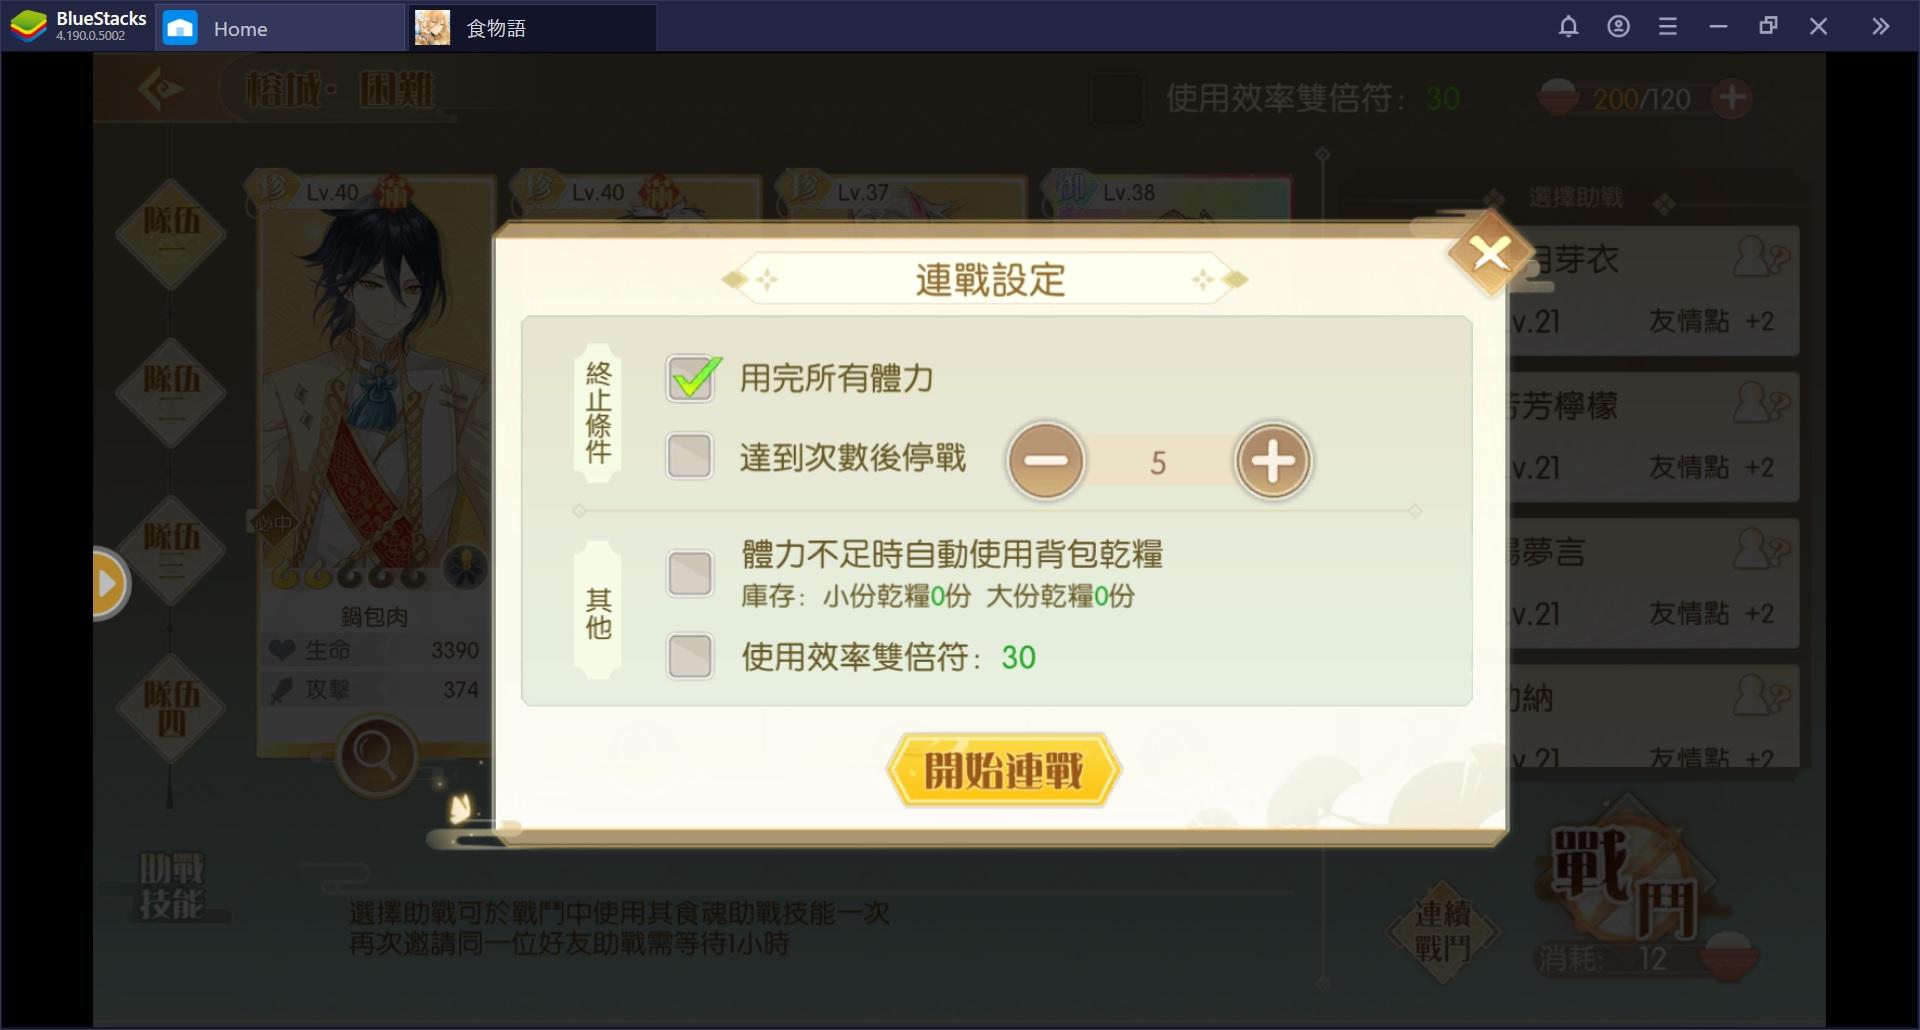 使用BlueStacks在電腦上體驗治癒系卡牌RPG手遊《食物語》